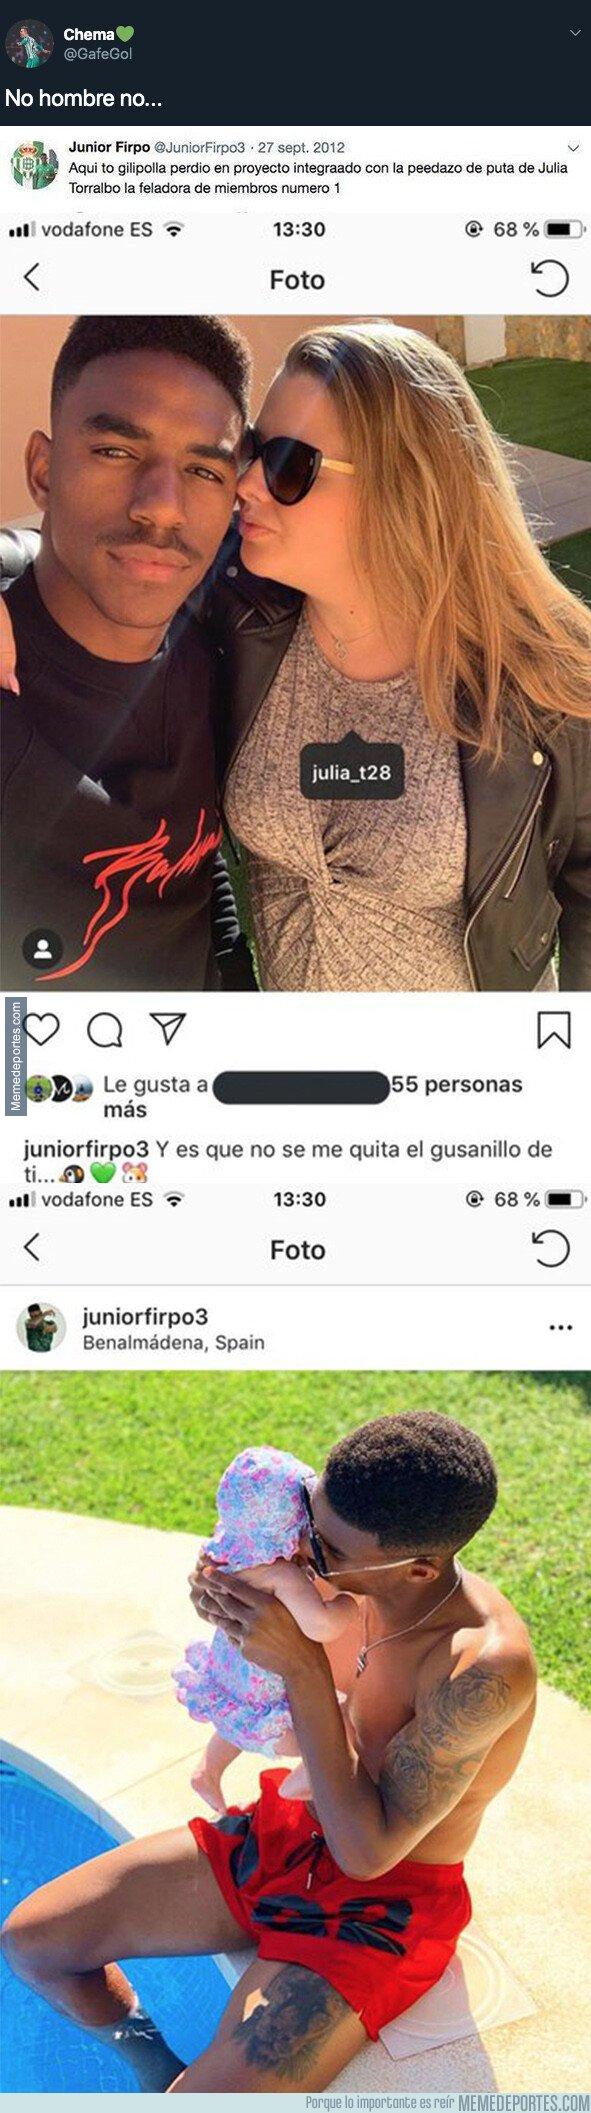 1081946 - El más que polémico mensaje de Junior Firpo publicó sobre su actual novia en 2012